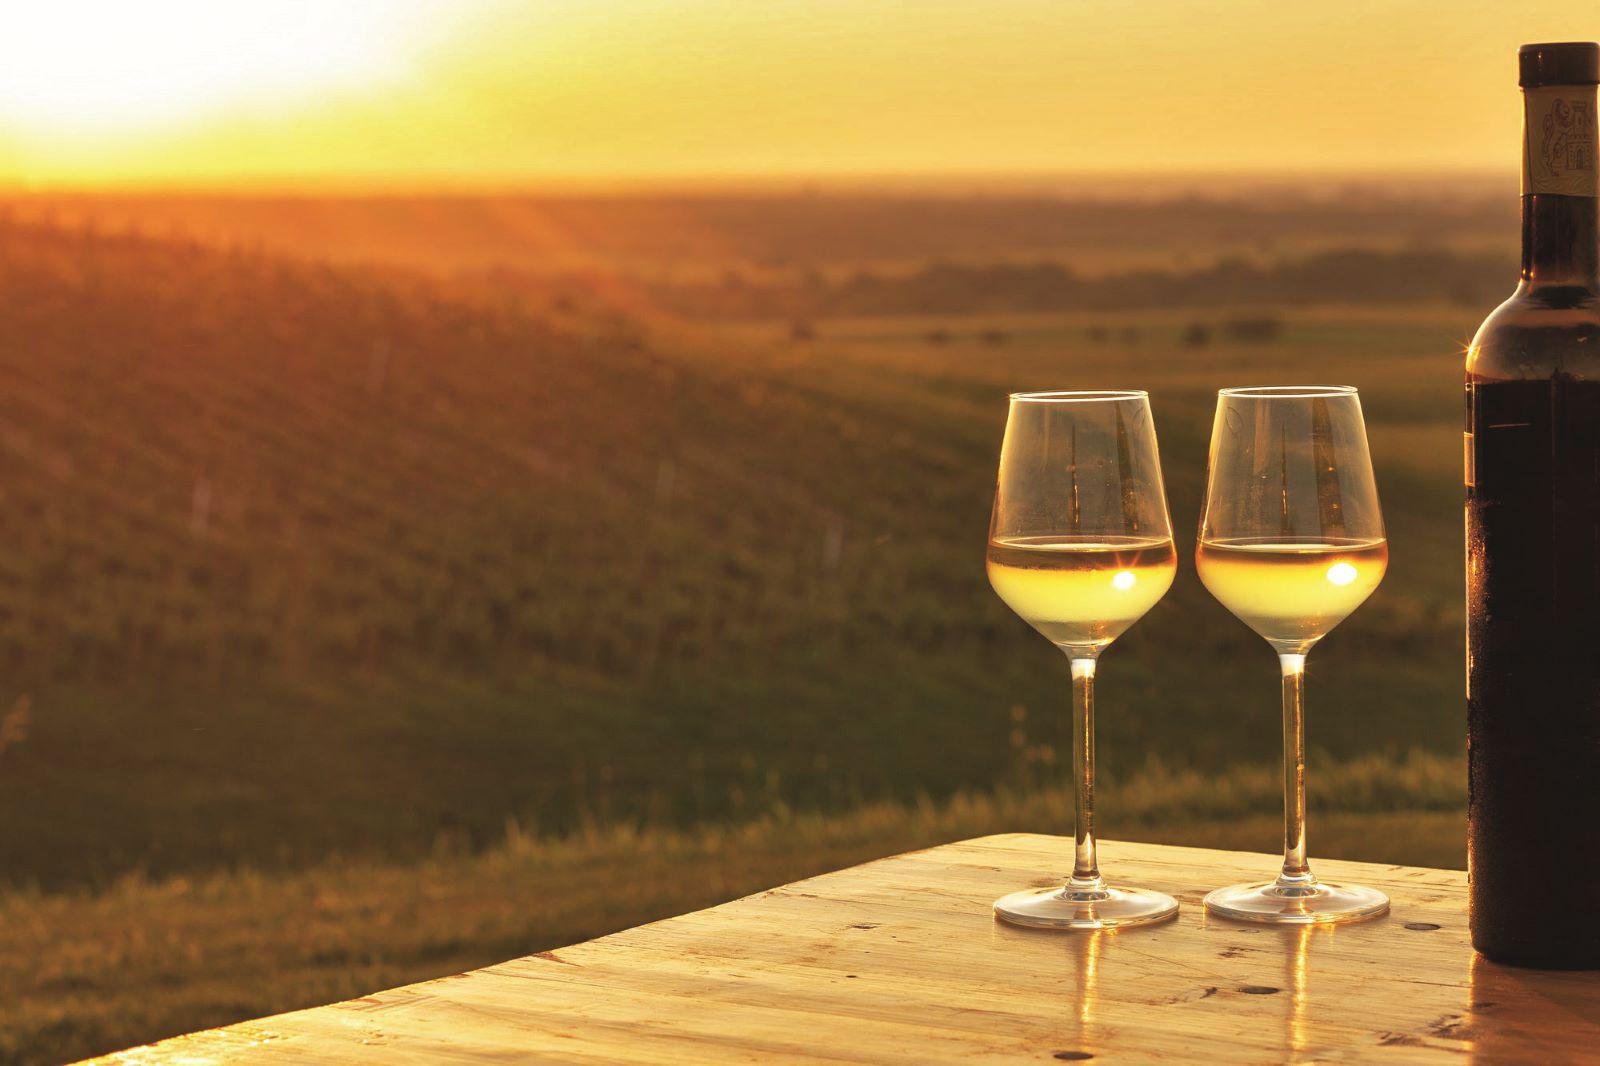 vino dunav